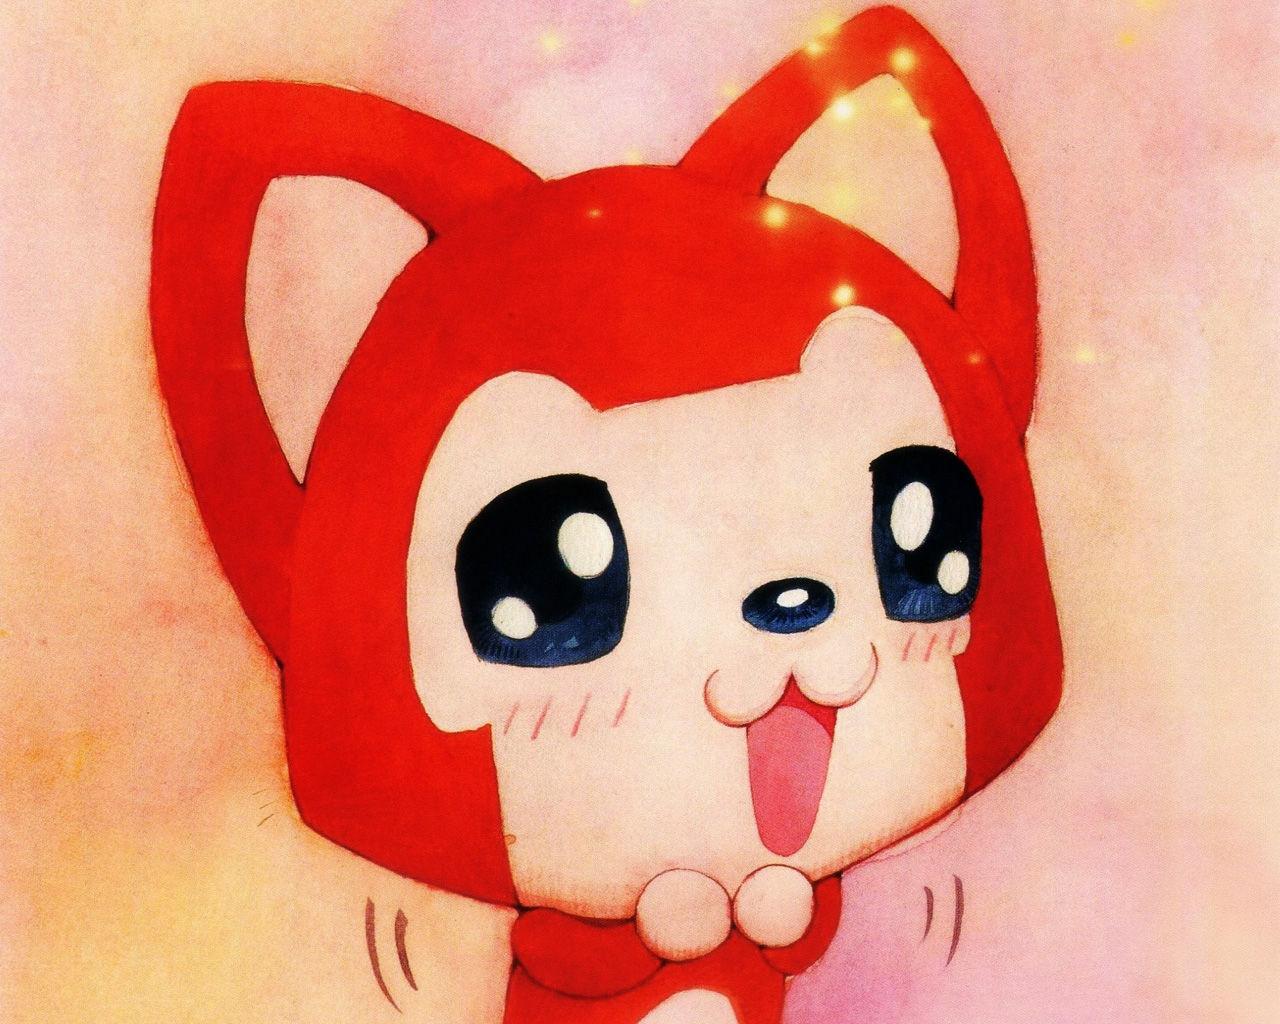 1l献樱桃姐和百田~~~~~ 阿狸镇楼~~~~~ 一只红色滴小狐狸~一条小白